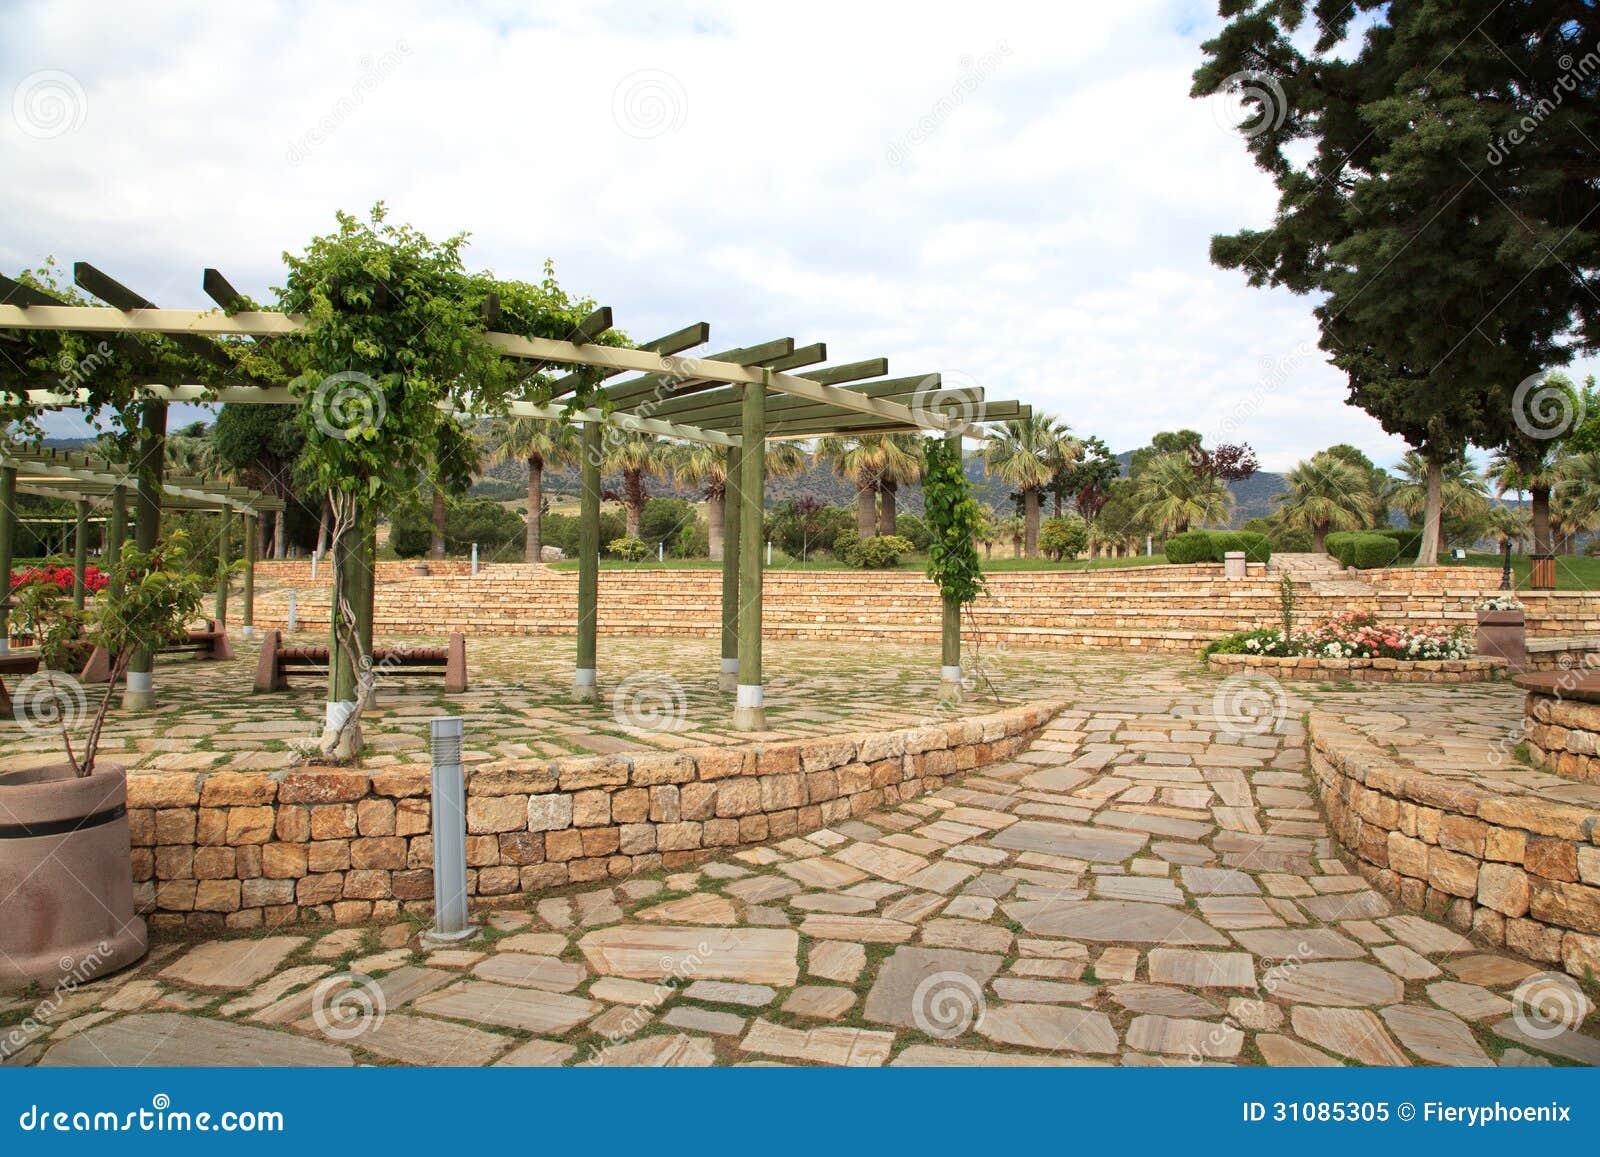 Steen openluchtterras met houten pergola en installaties royalty vrije stock foto afbeelding - Terras houten pergola ...